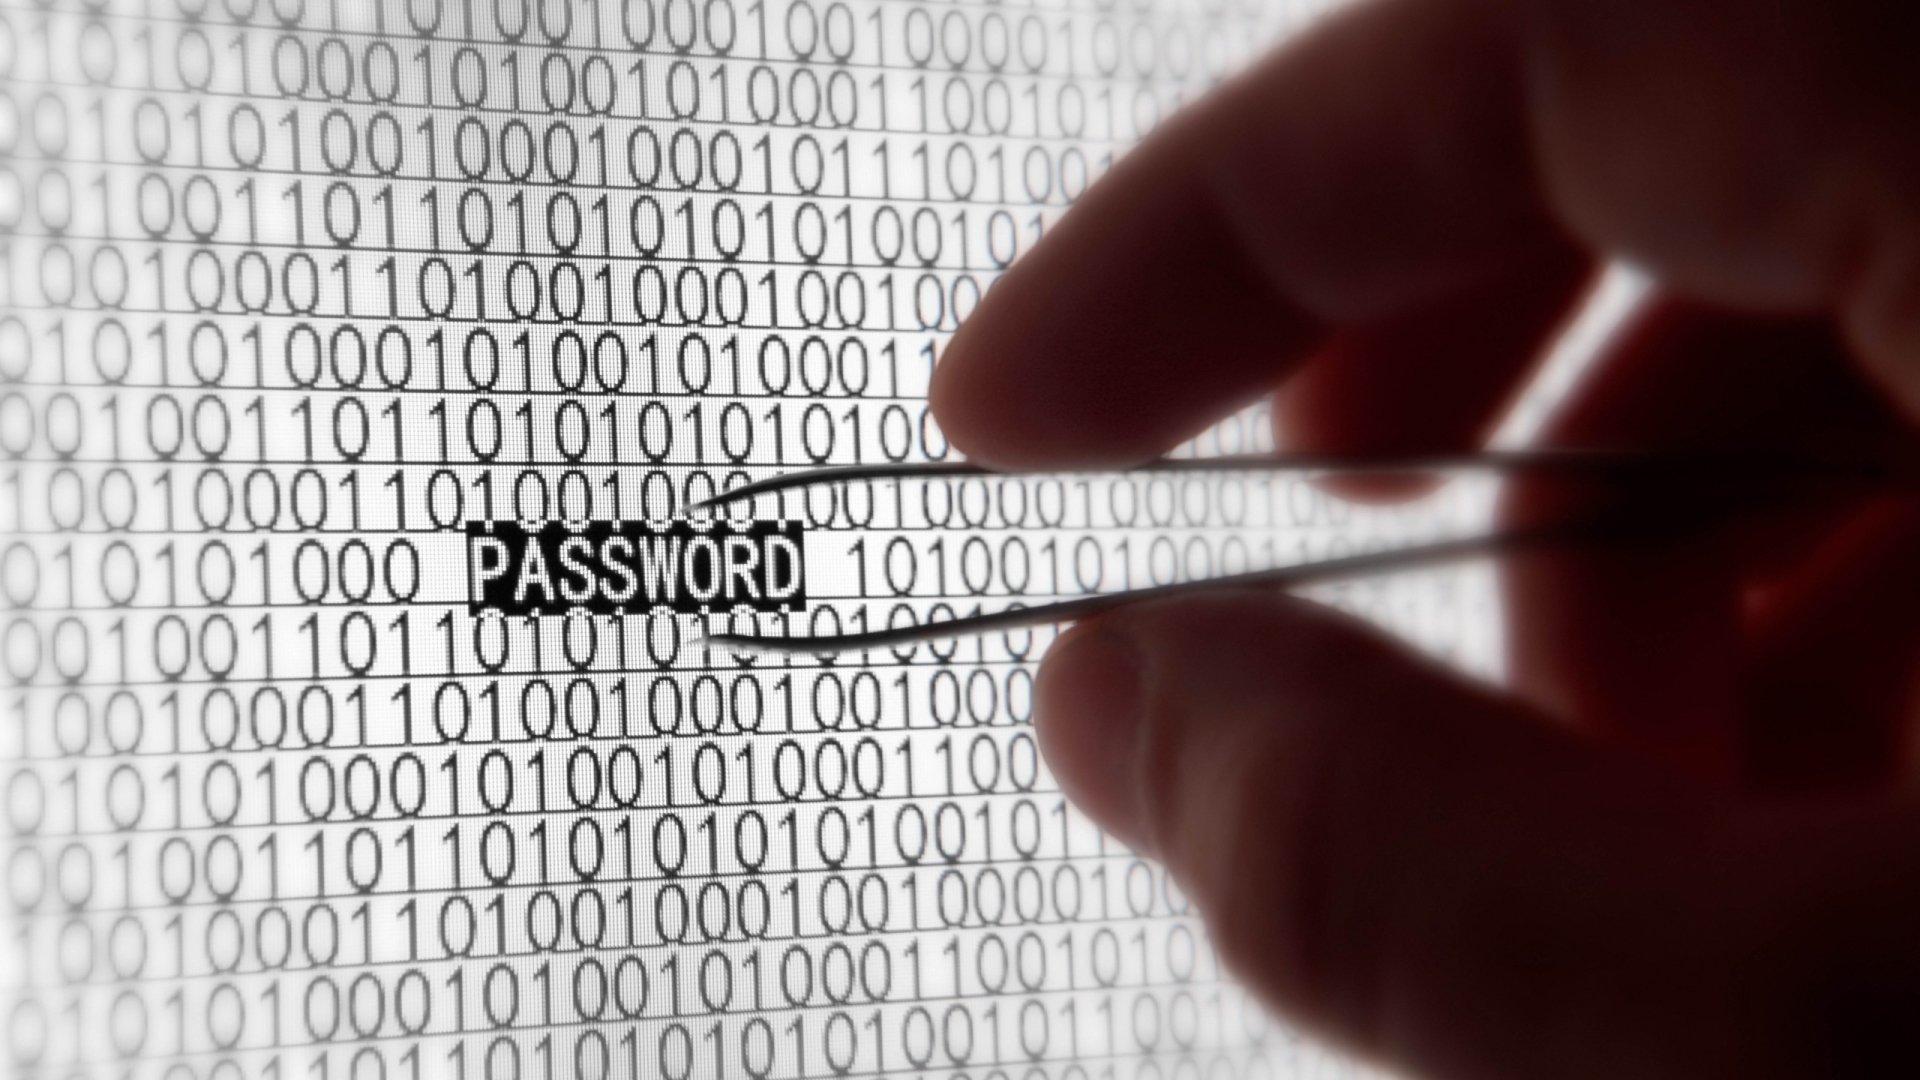 破解 Windows 系统密码